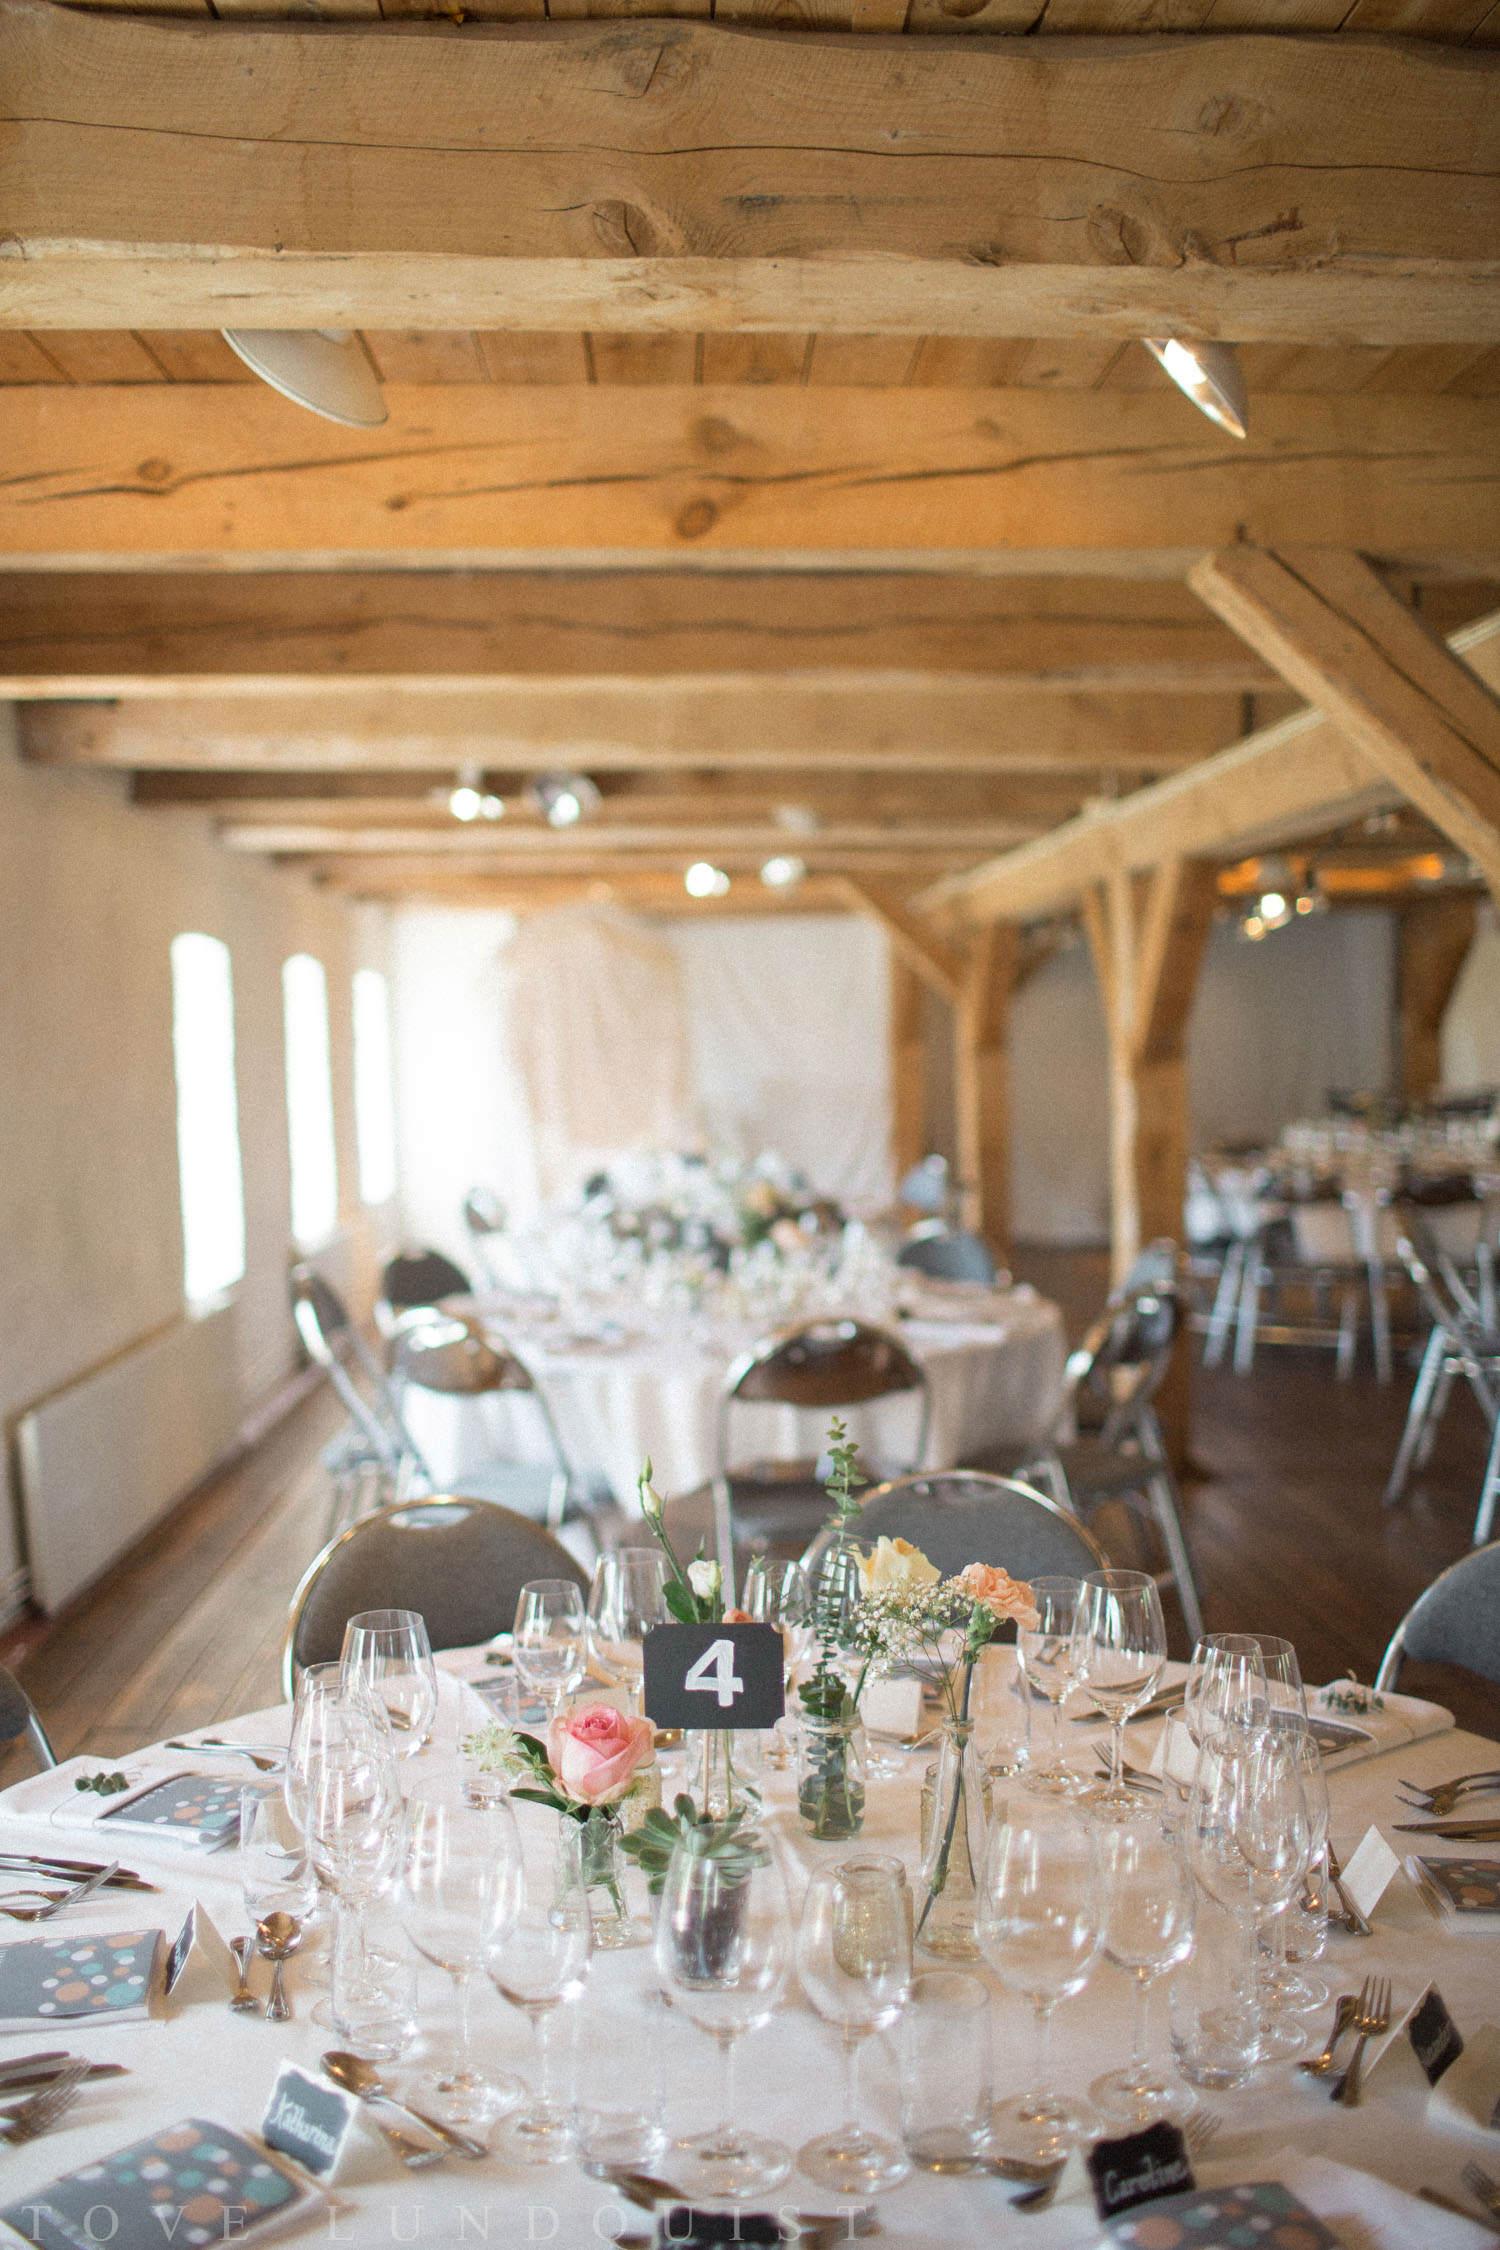 Bröllopsdukning på Marsvinsholms slotts restaurang under ett bröllop. Fotograf är Tove Lundquist.